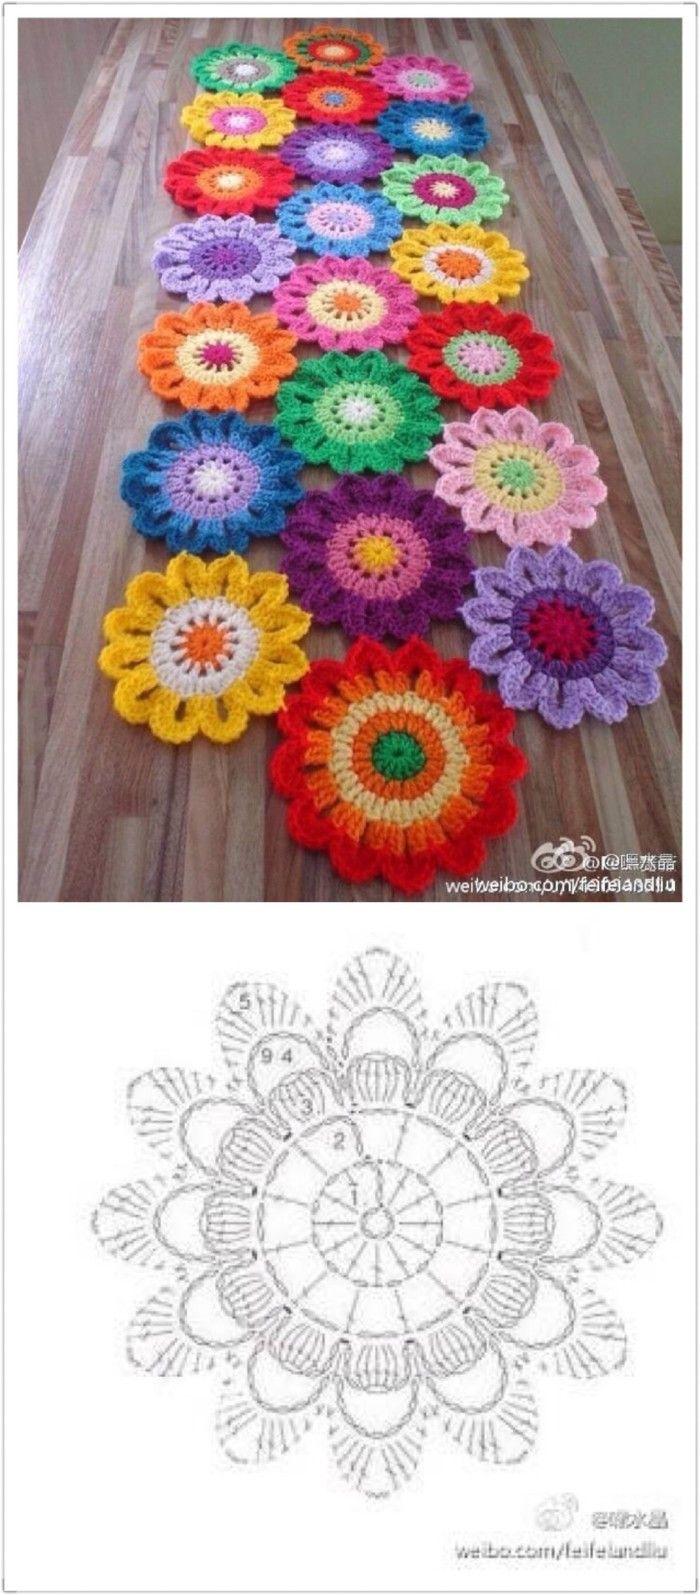 Flower table runner | caballito | Pinterest | Häkeln, Handarbeiten ...